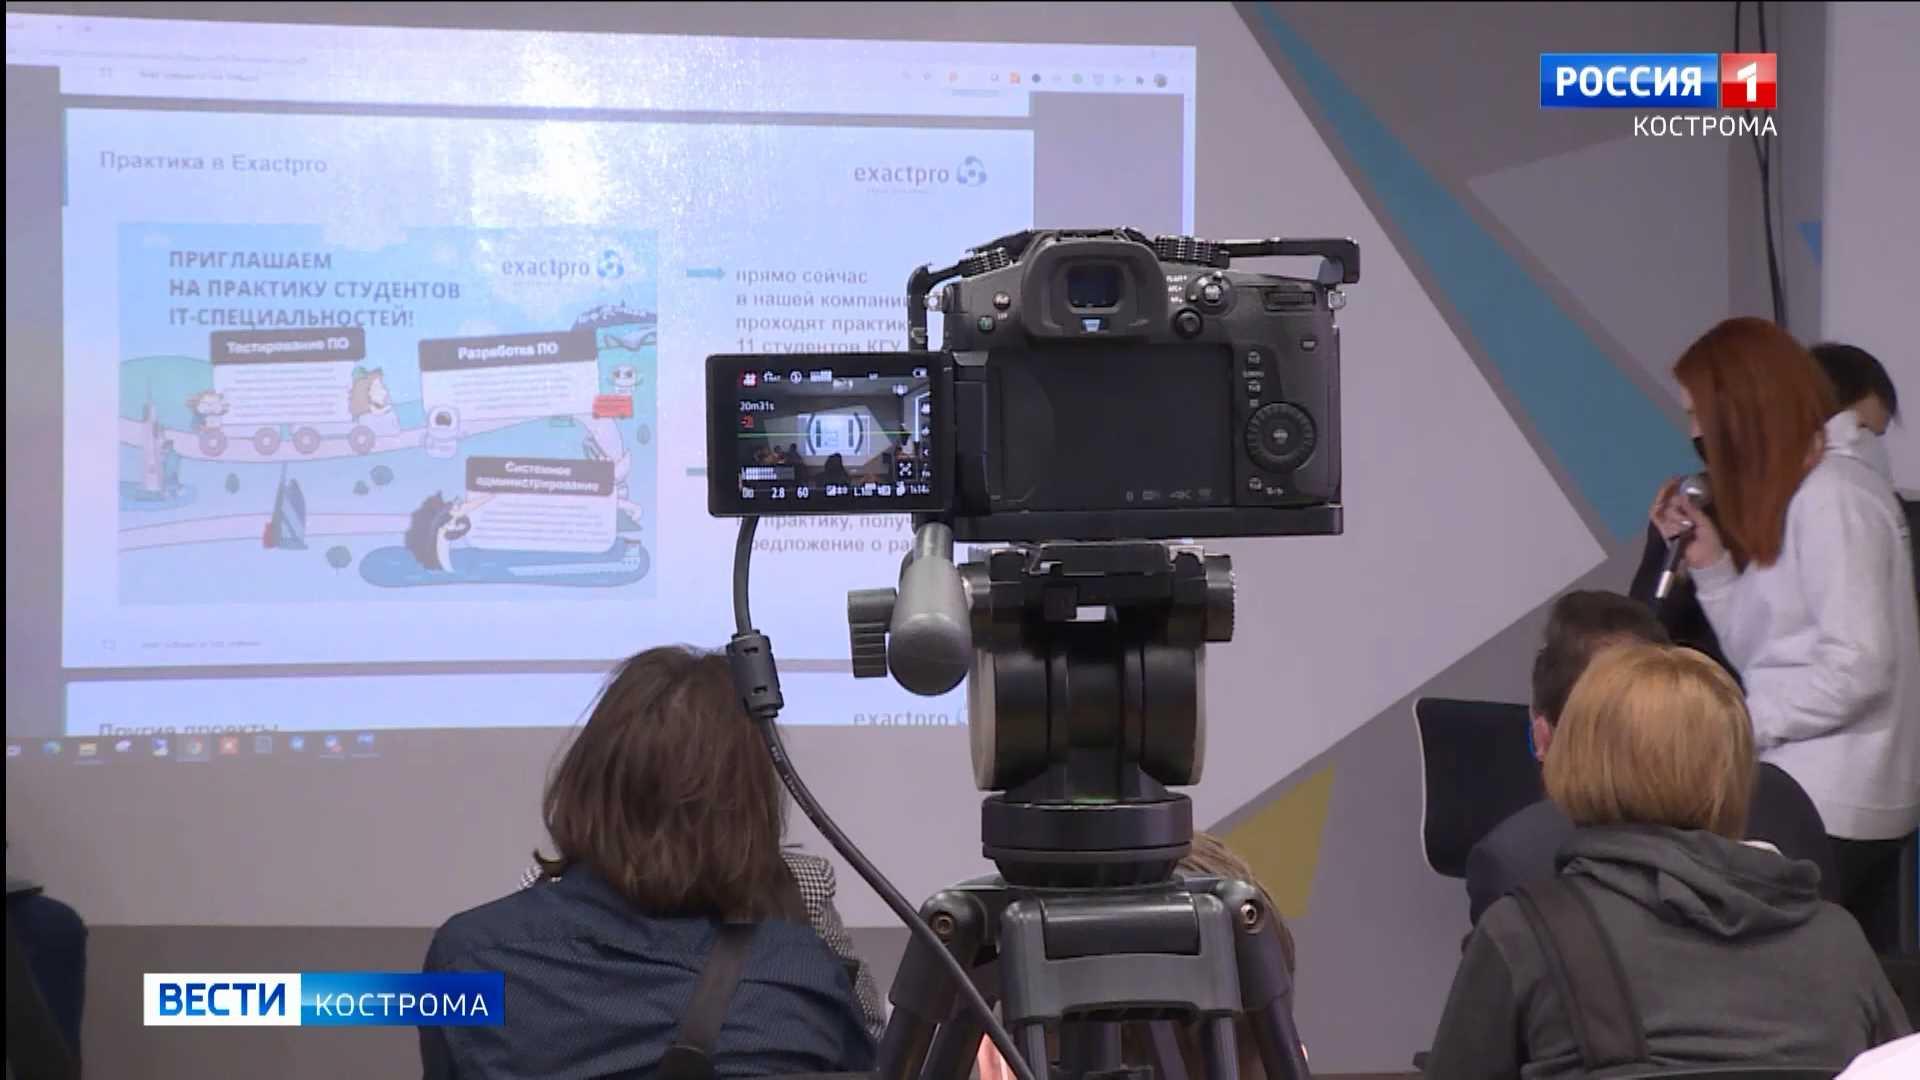 Новый формат подготовки финтех-специалистов появился в Костроме